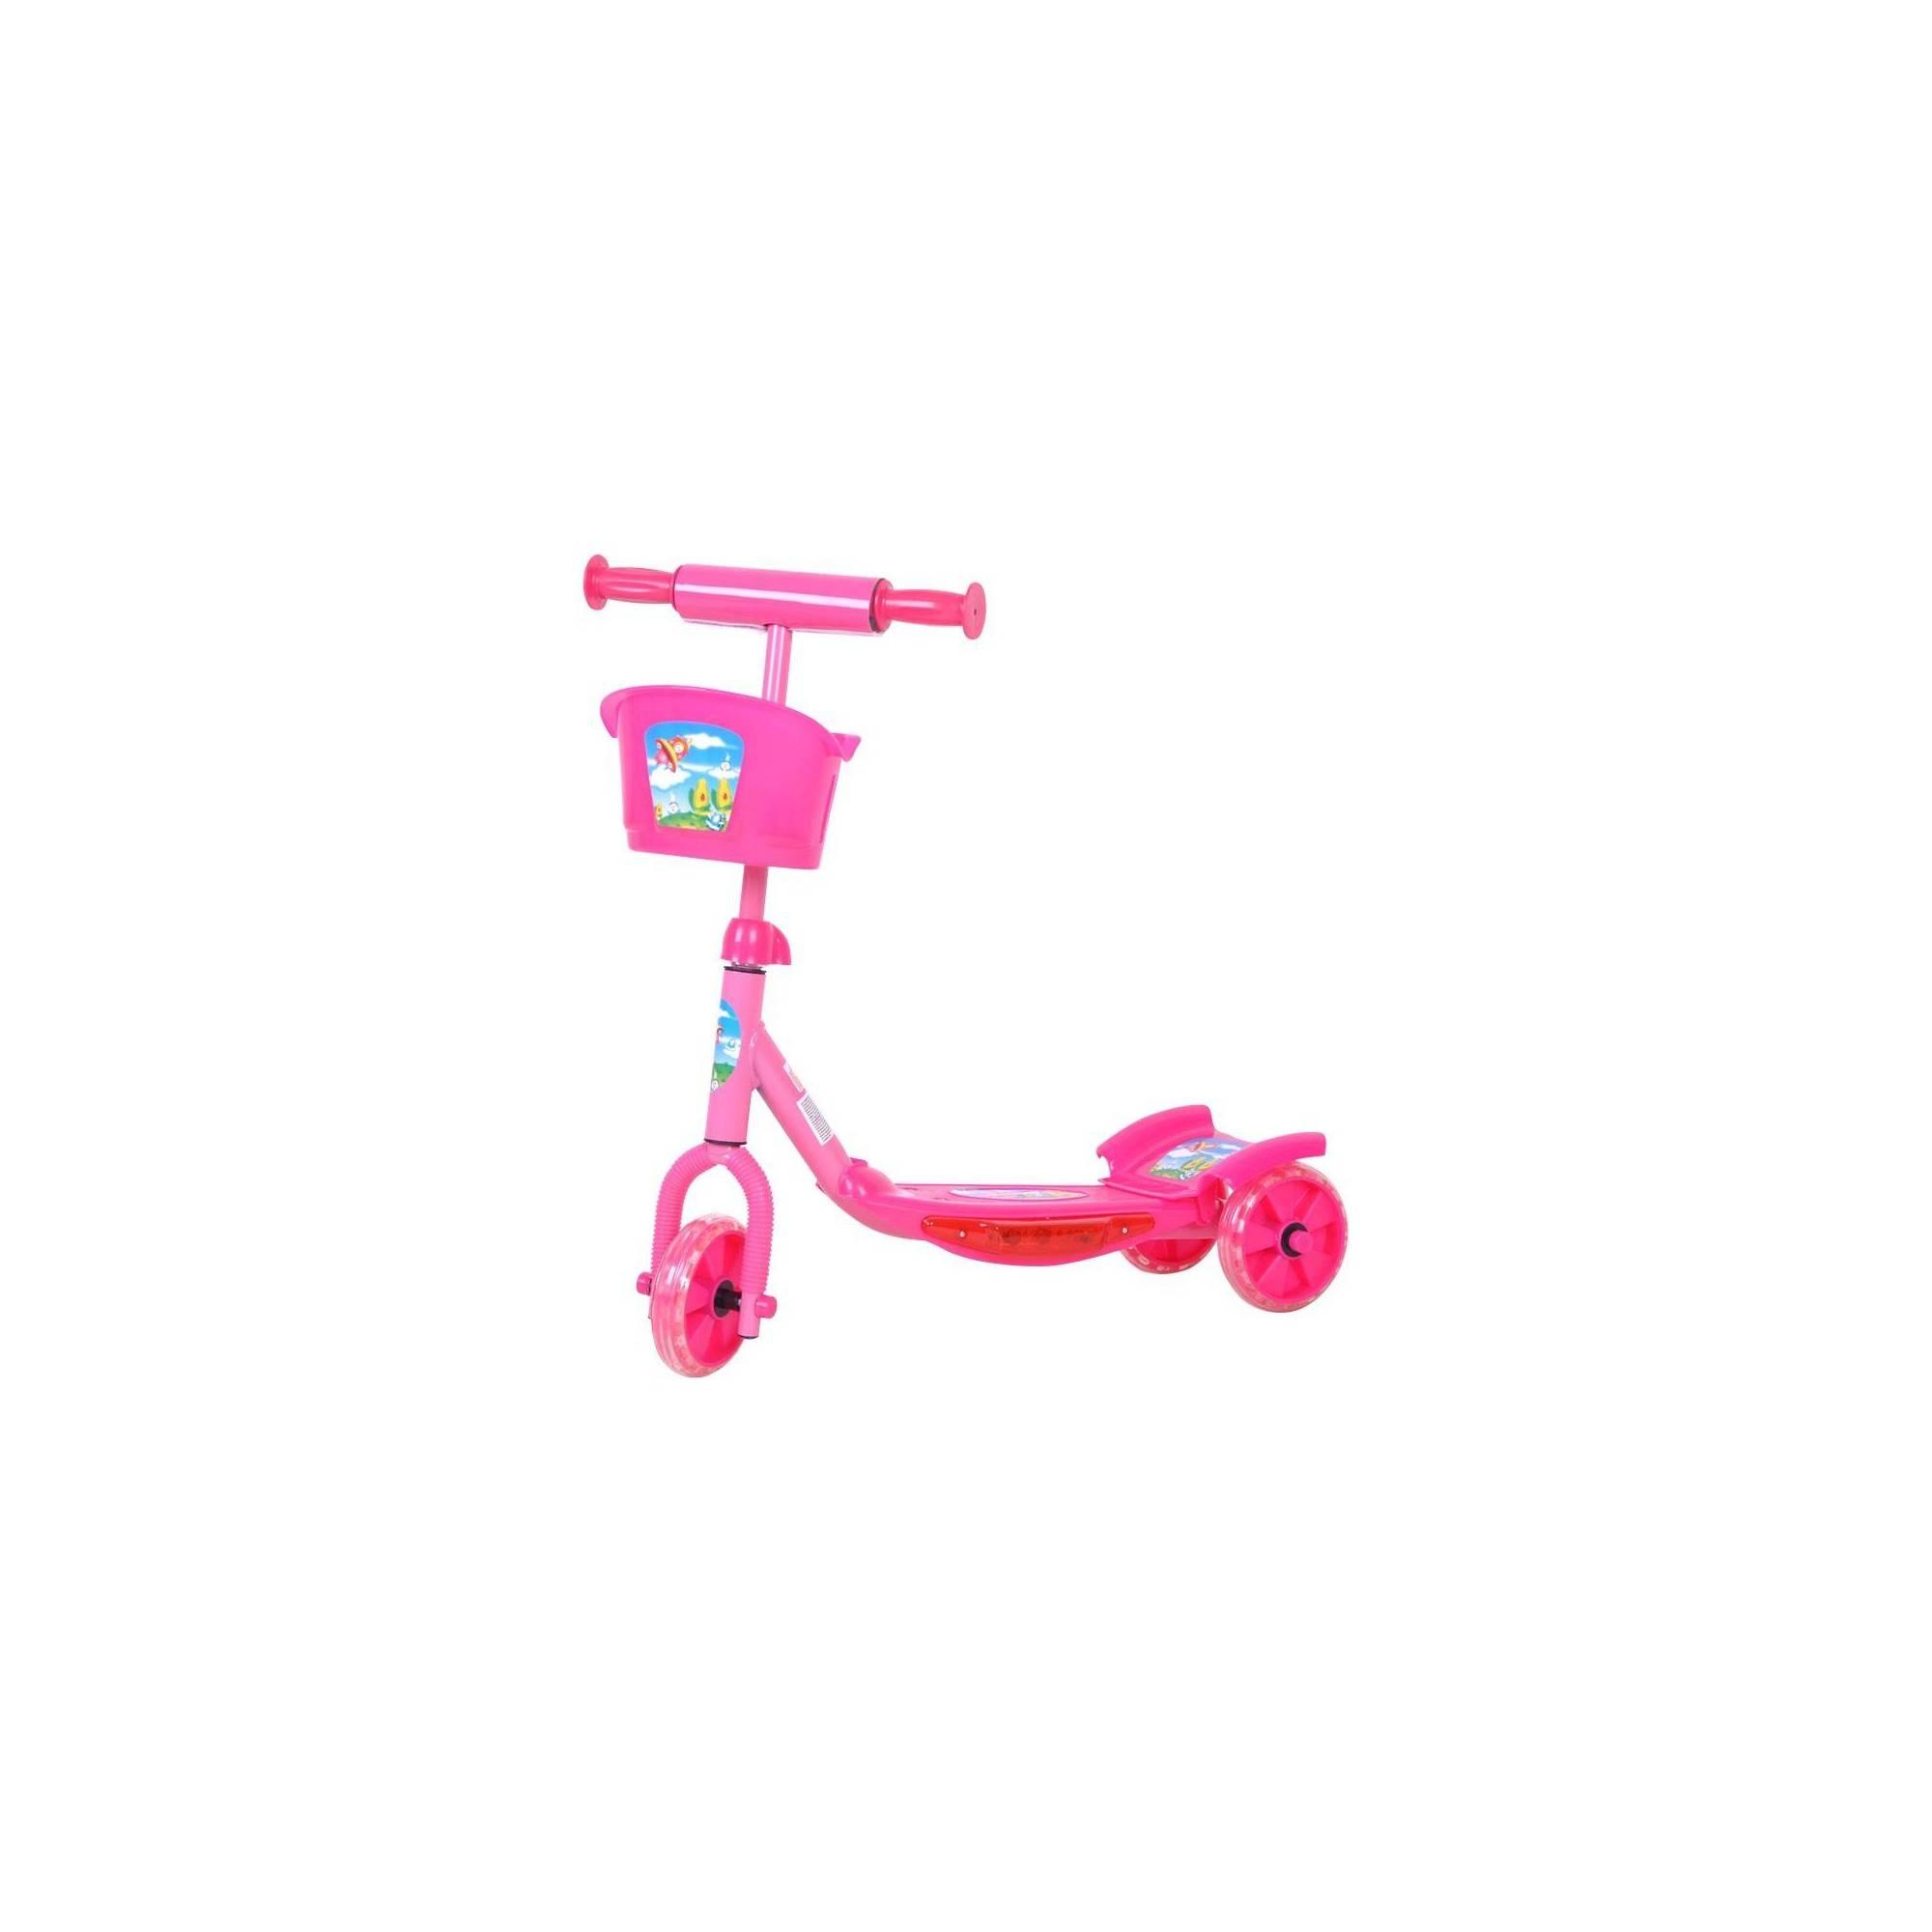 Hulajnoga dziecięca trójkołowa WORKER TRI różowa,producent: WORKER, zdjecie photo: 1 | klubfitness.pl | sprzęt sportowy sport eq